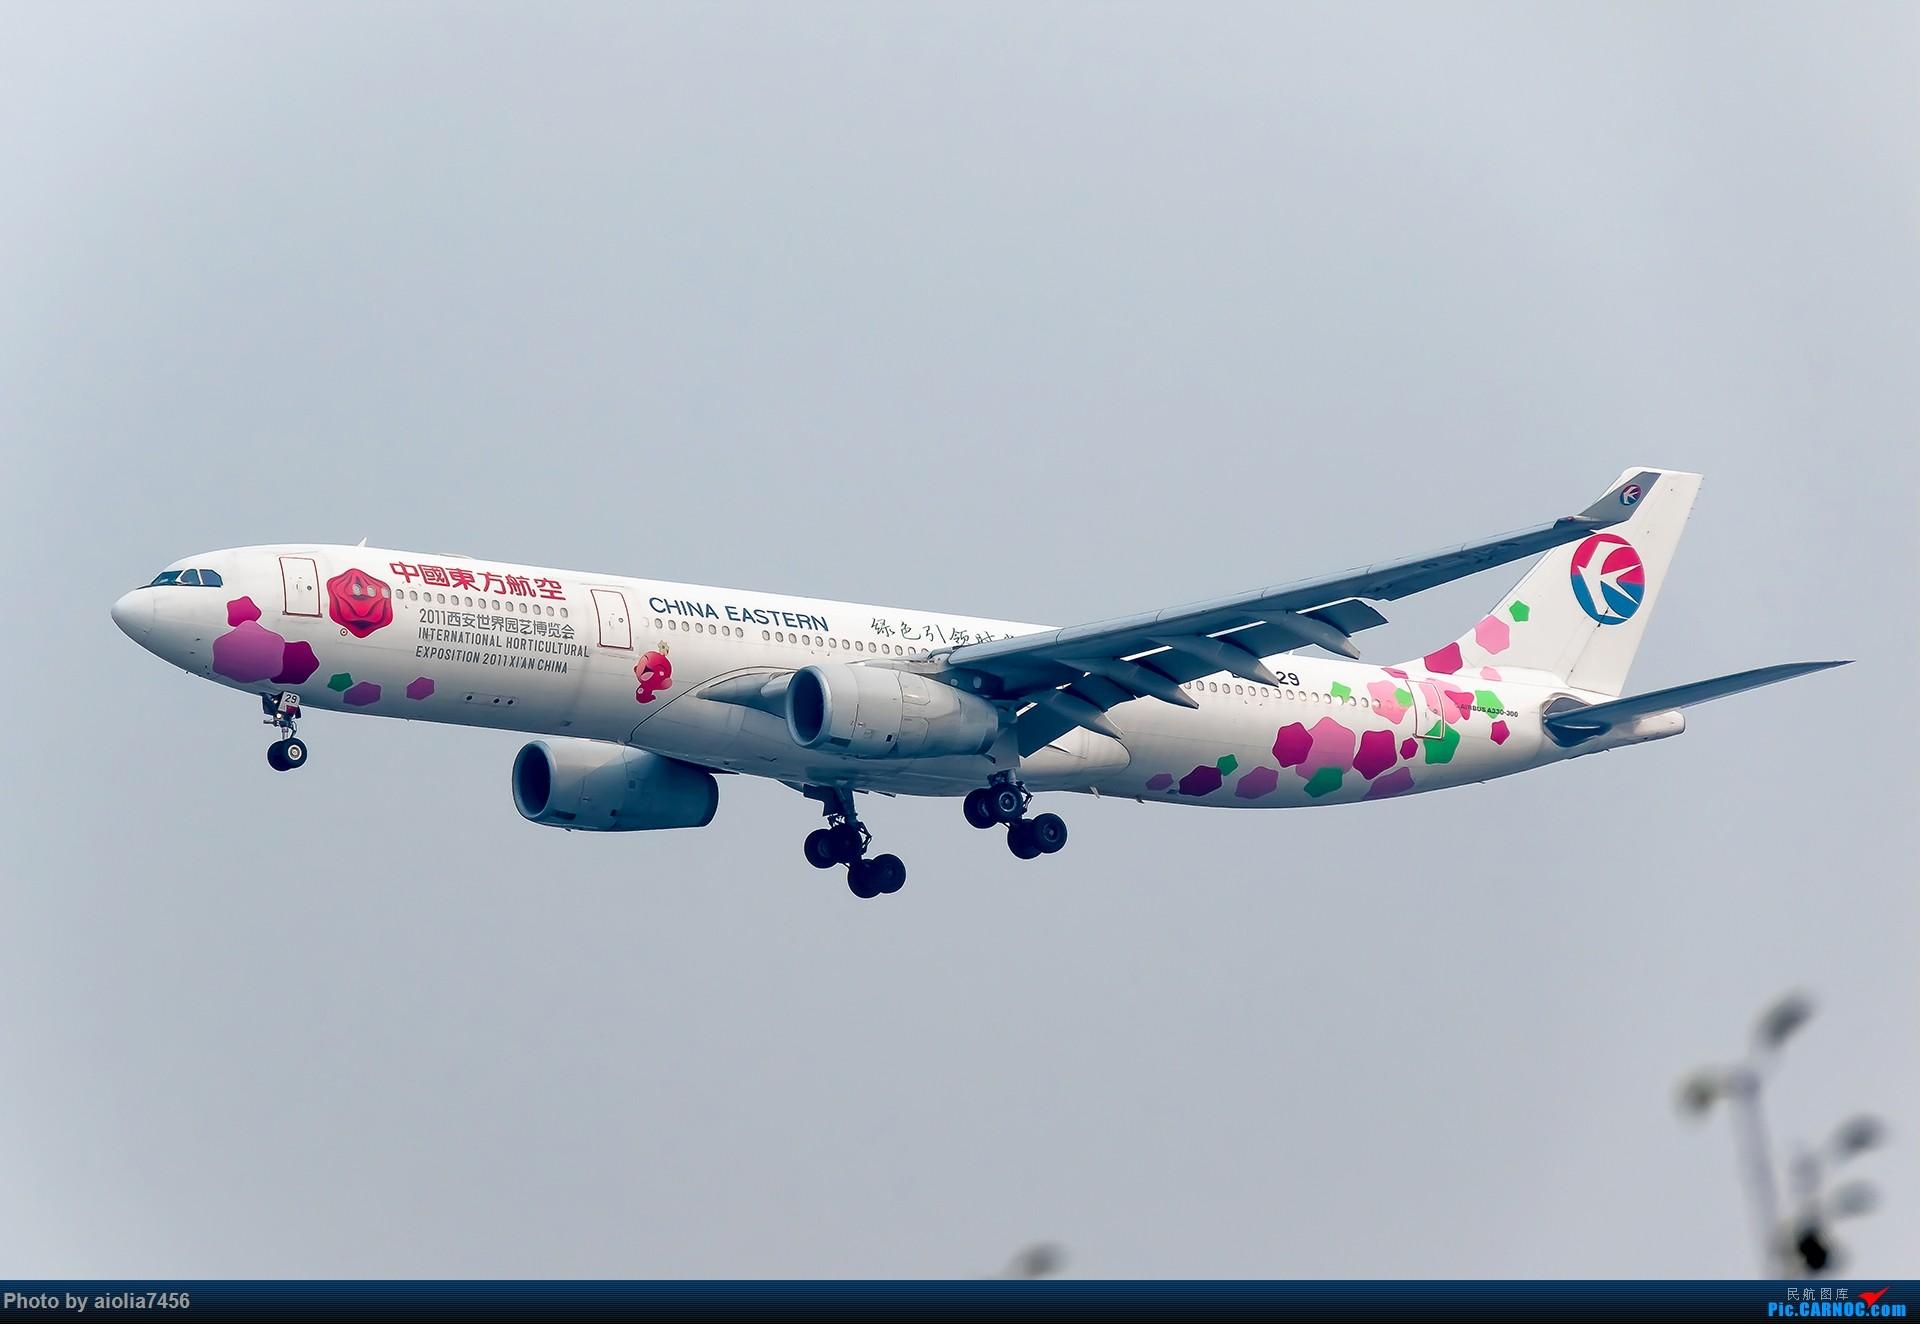 Re:[原创][霸都打机队]摸摸怀中的7D2,好宝宝,跟了新的主人你要乖乖听话哦,离开我之前,我带你逛一圈ZSSS,最后一次陪我看看那些我们不怎么看得到的宽体吧。 AIRBUS A330-300 B-6129 中国上海虹桥国际机场